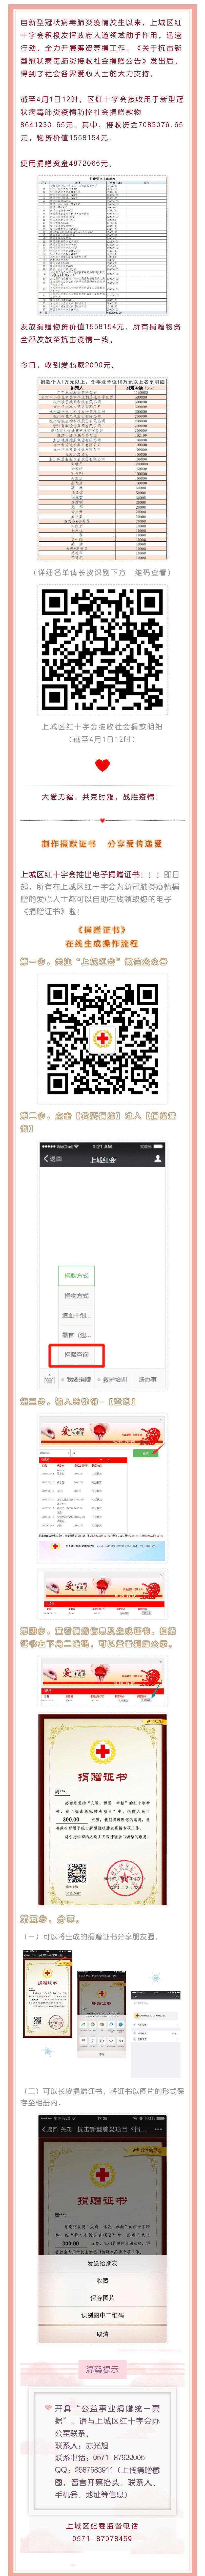 上城区红十字会接收社会捐赠情况公示(截至4月1日12时)